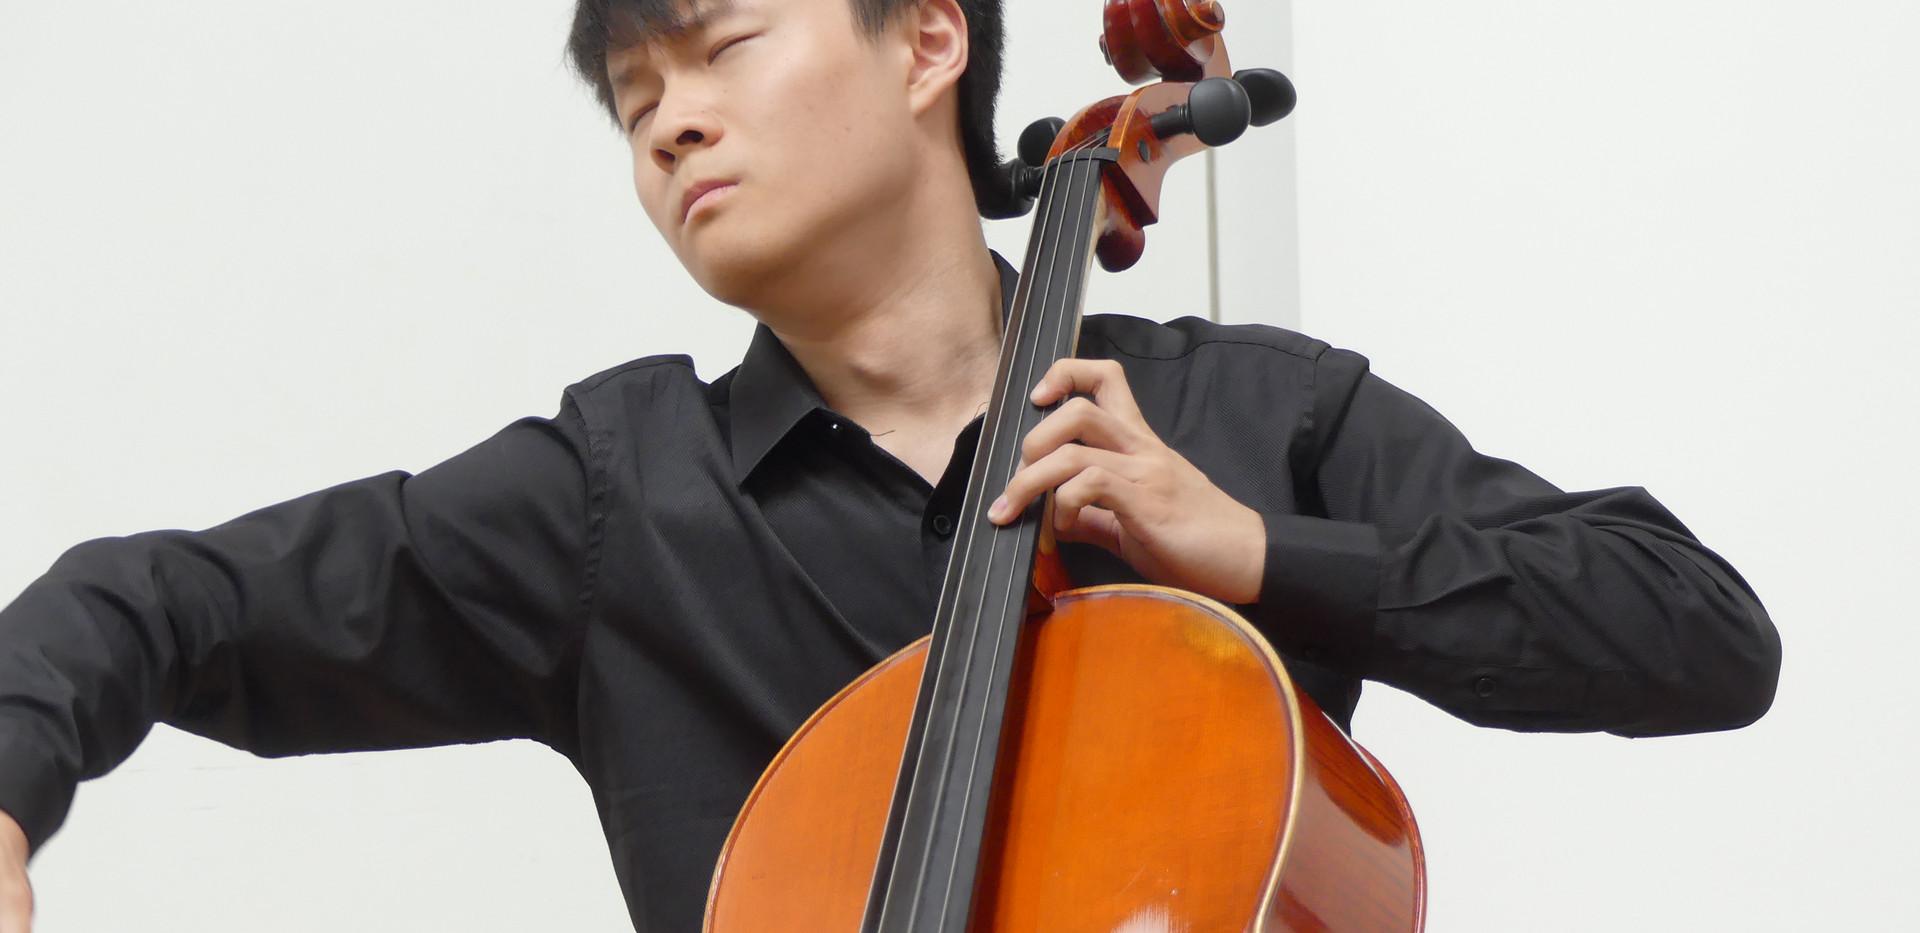 Yibai Chen